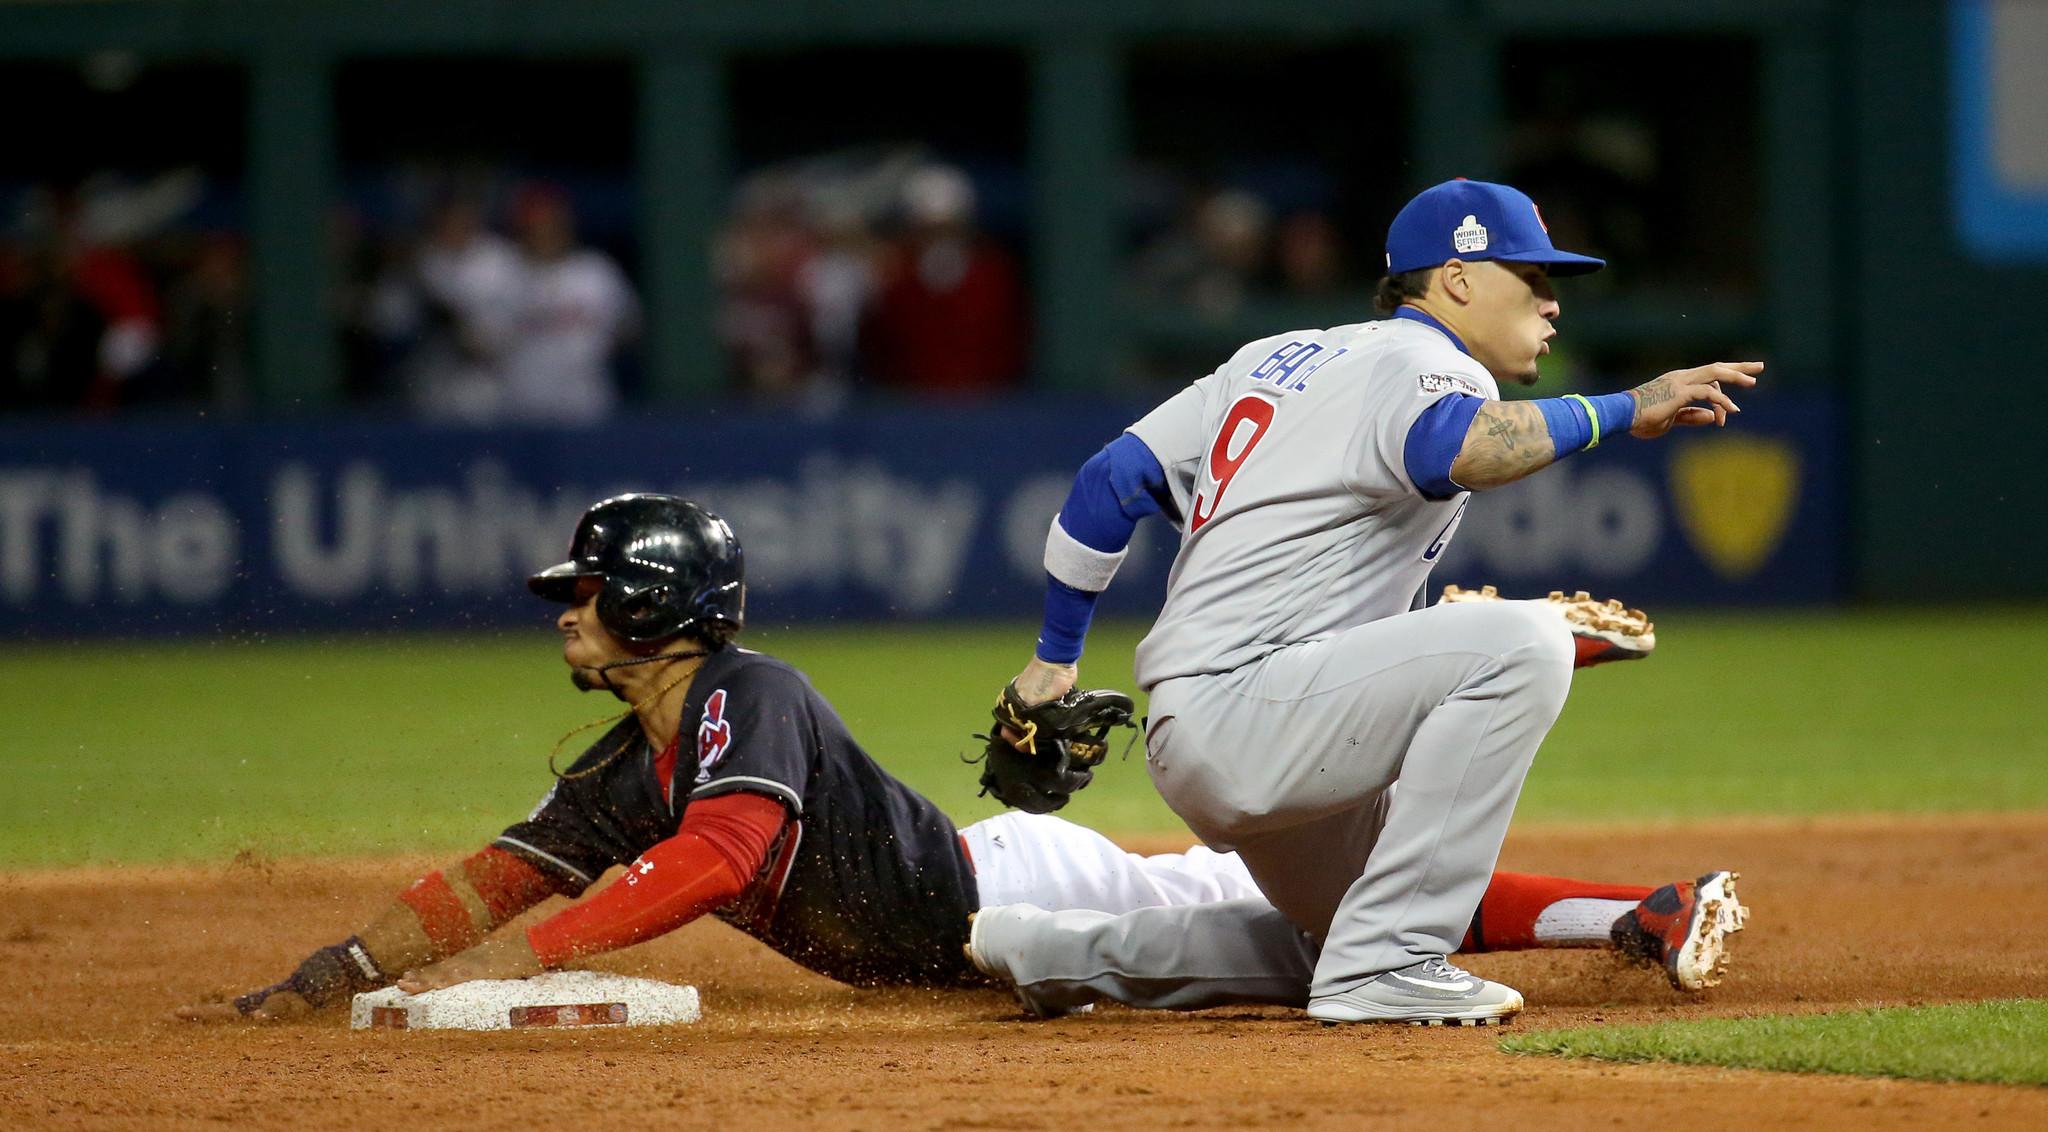 Cubs' Javier Baez, Indians' Francisco Lindor accustomed to big stage - Chicago Tribune